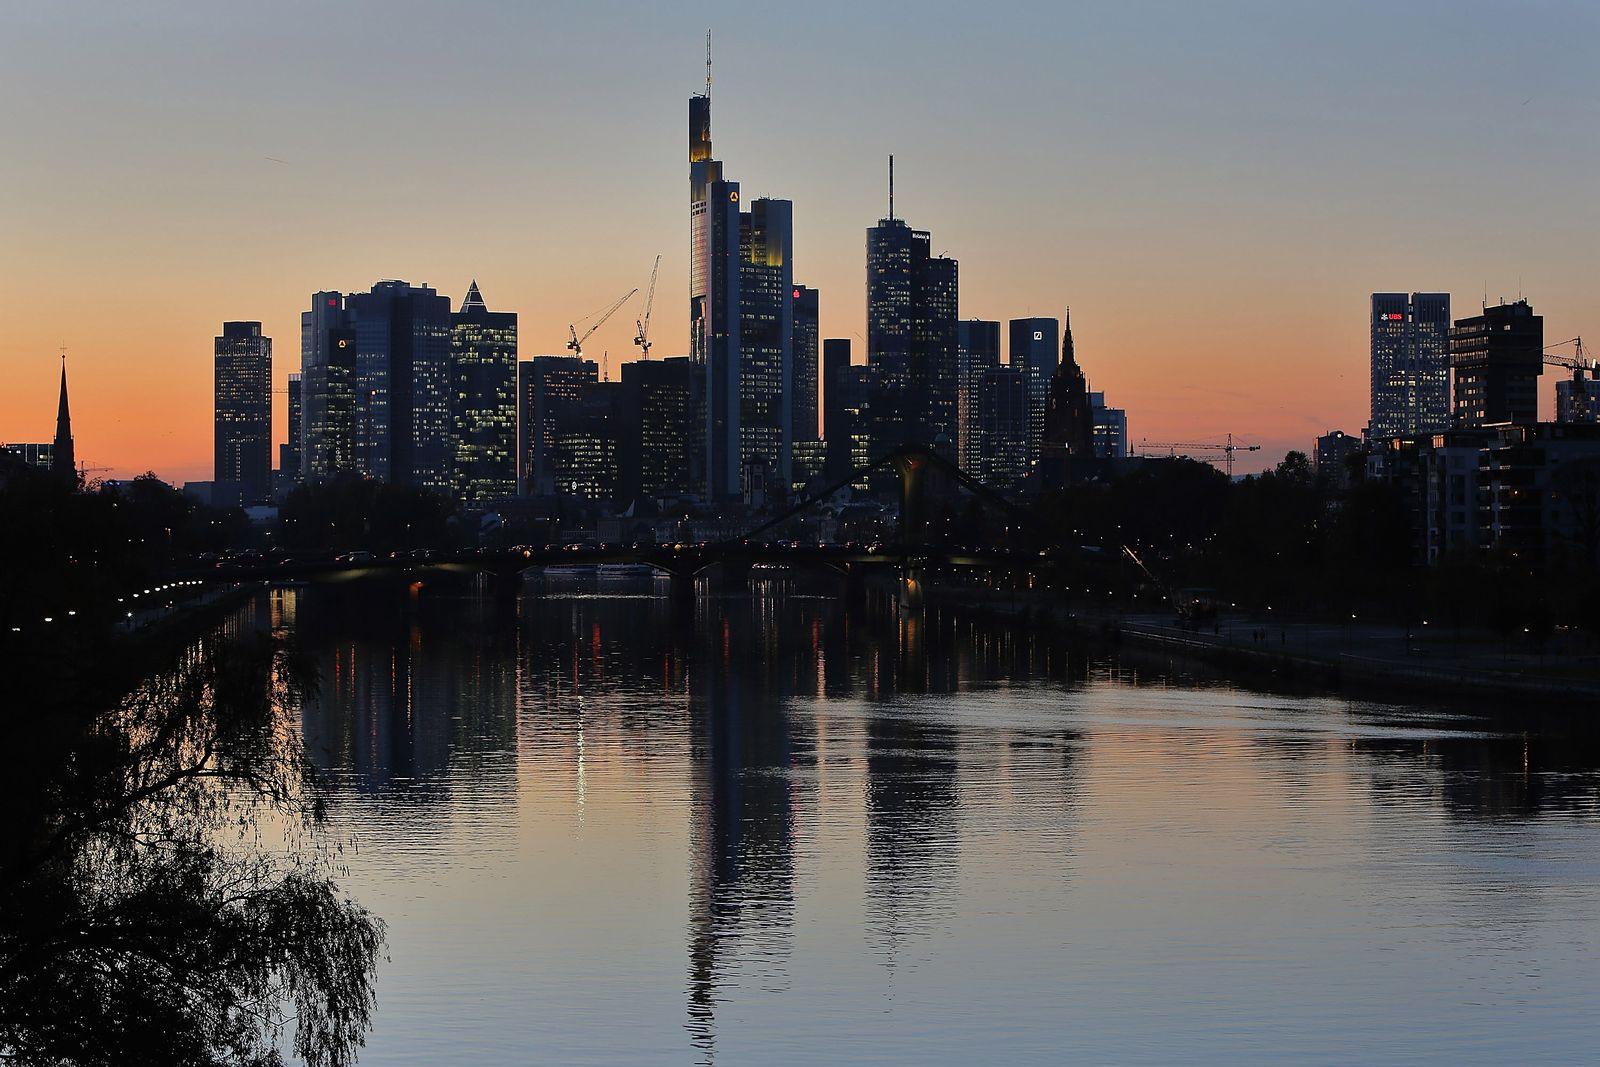 Skyline / Frankfurt